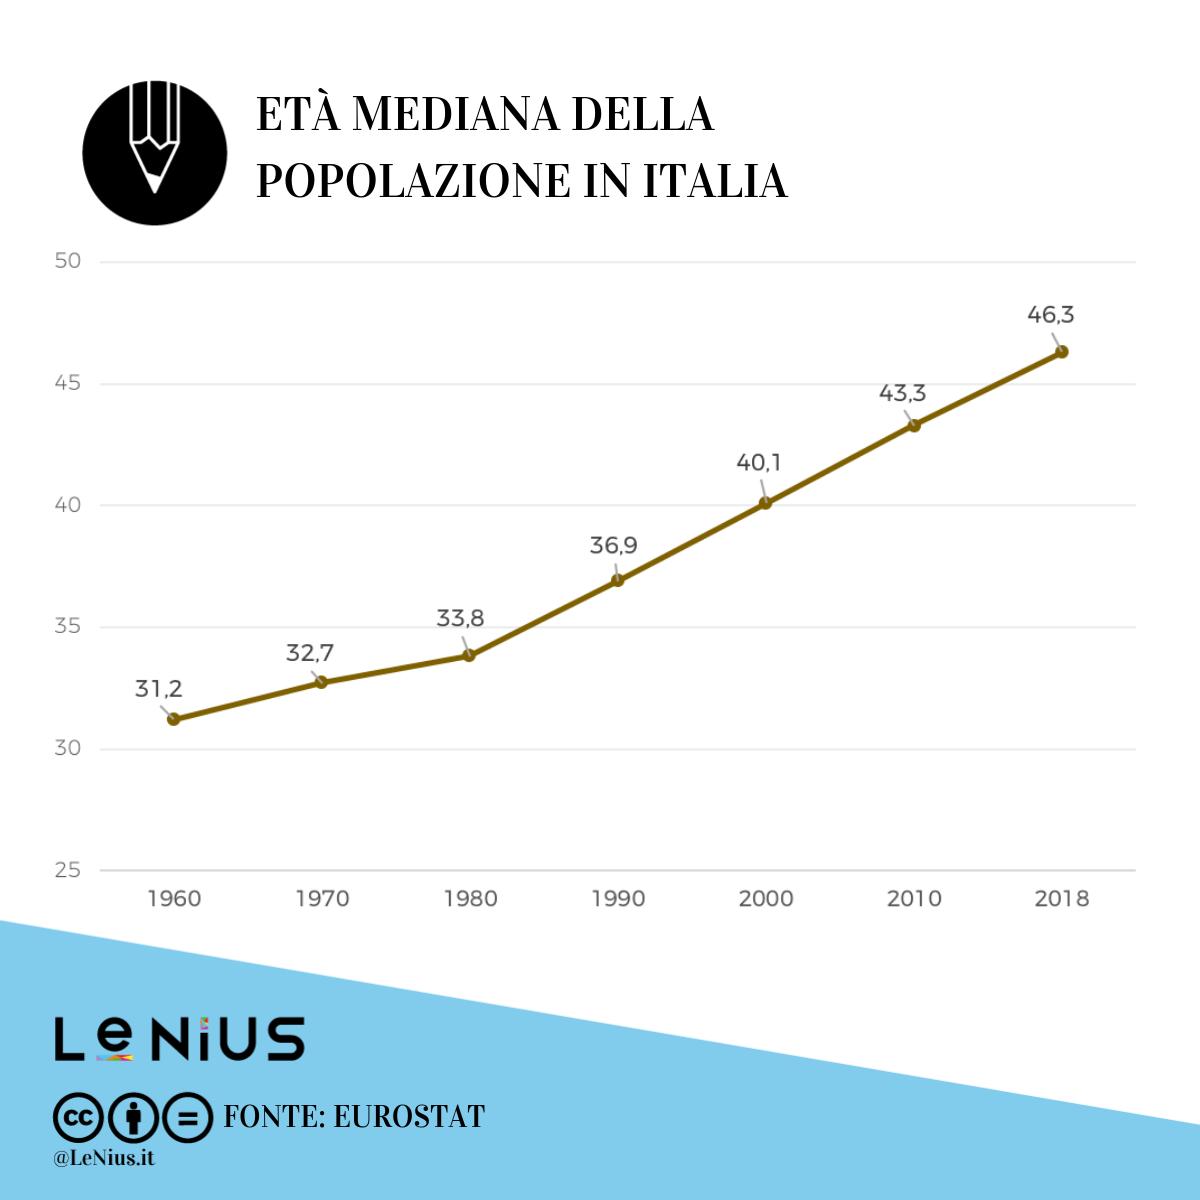 età mediana della popolazione in italia